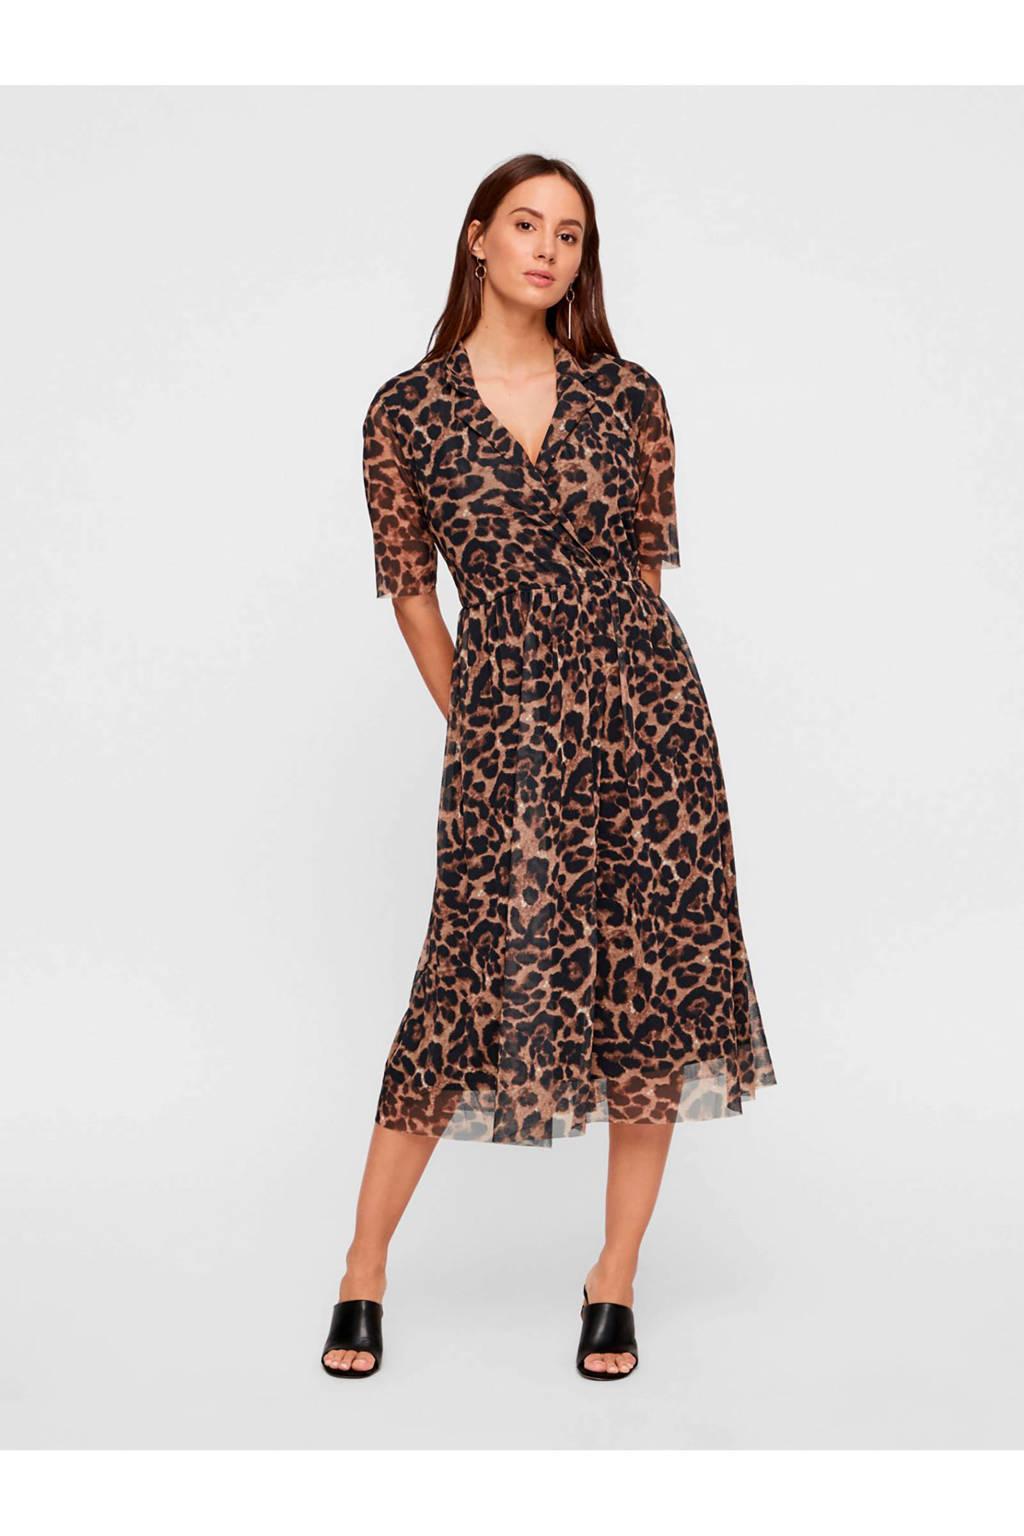 Y.A.S jurk met panterprint en mesh bruin, Bruin/zwart